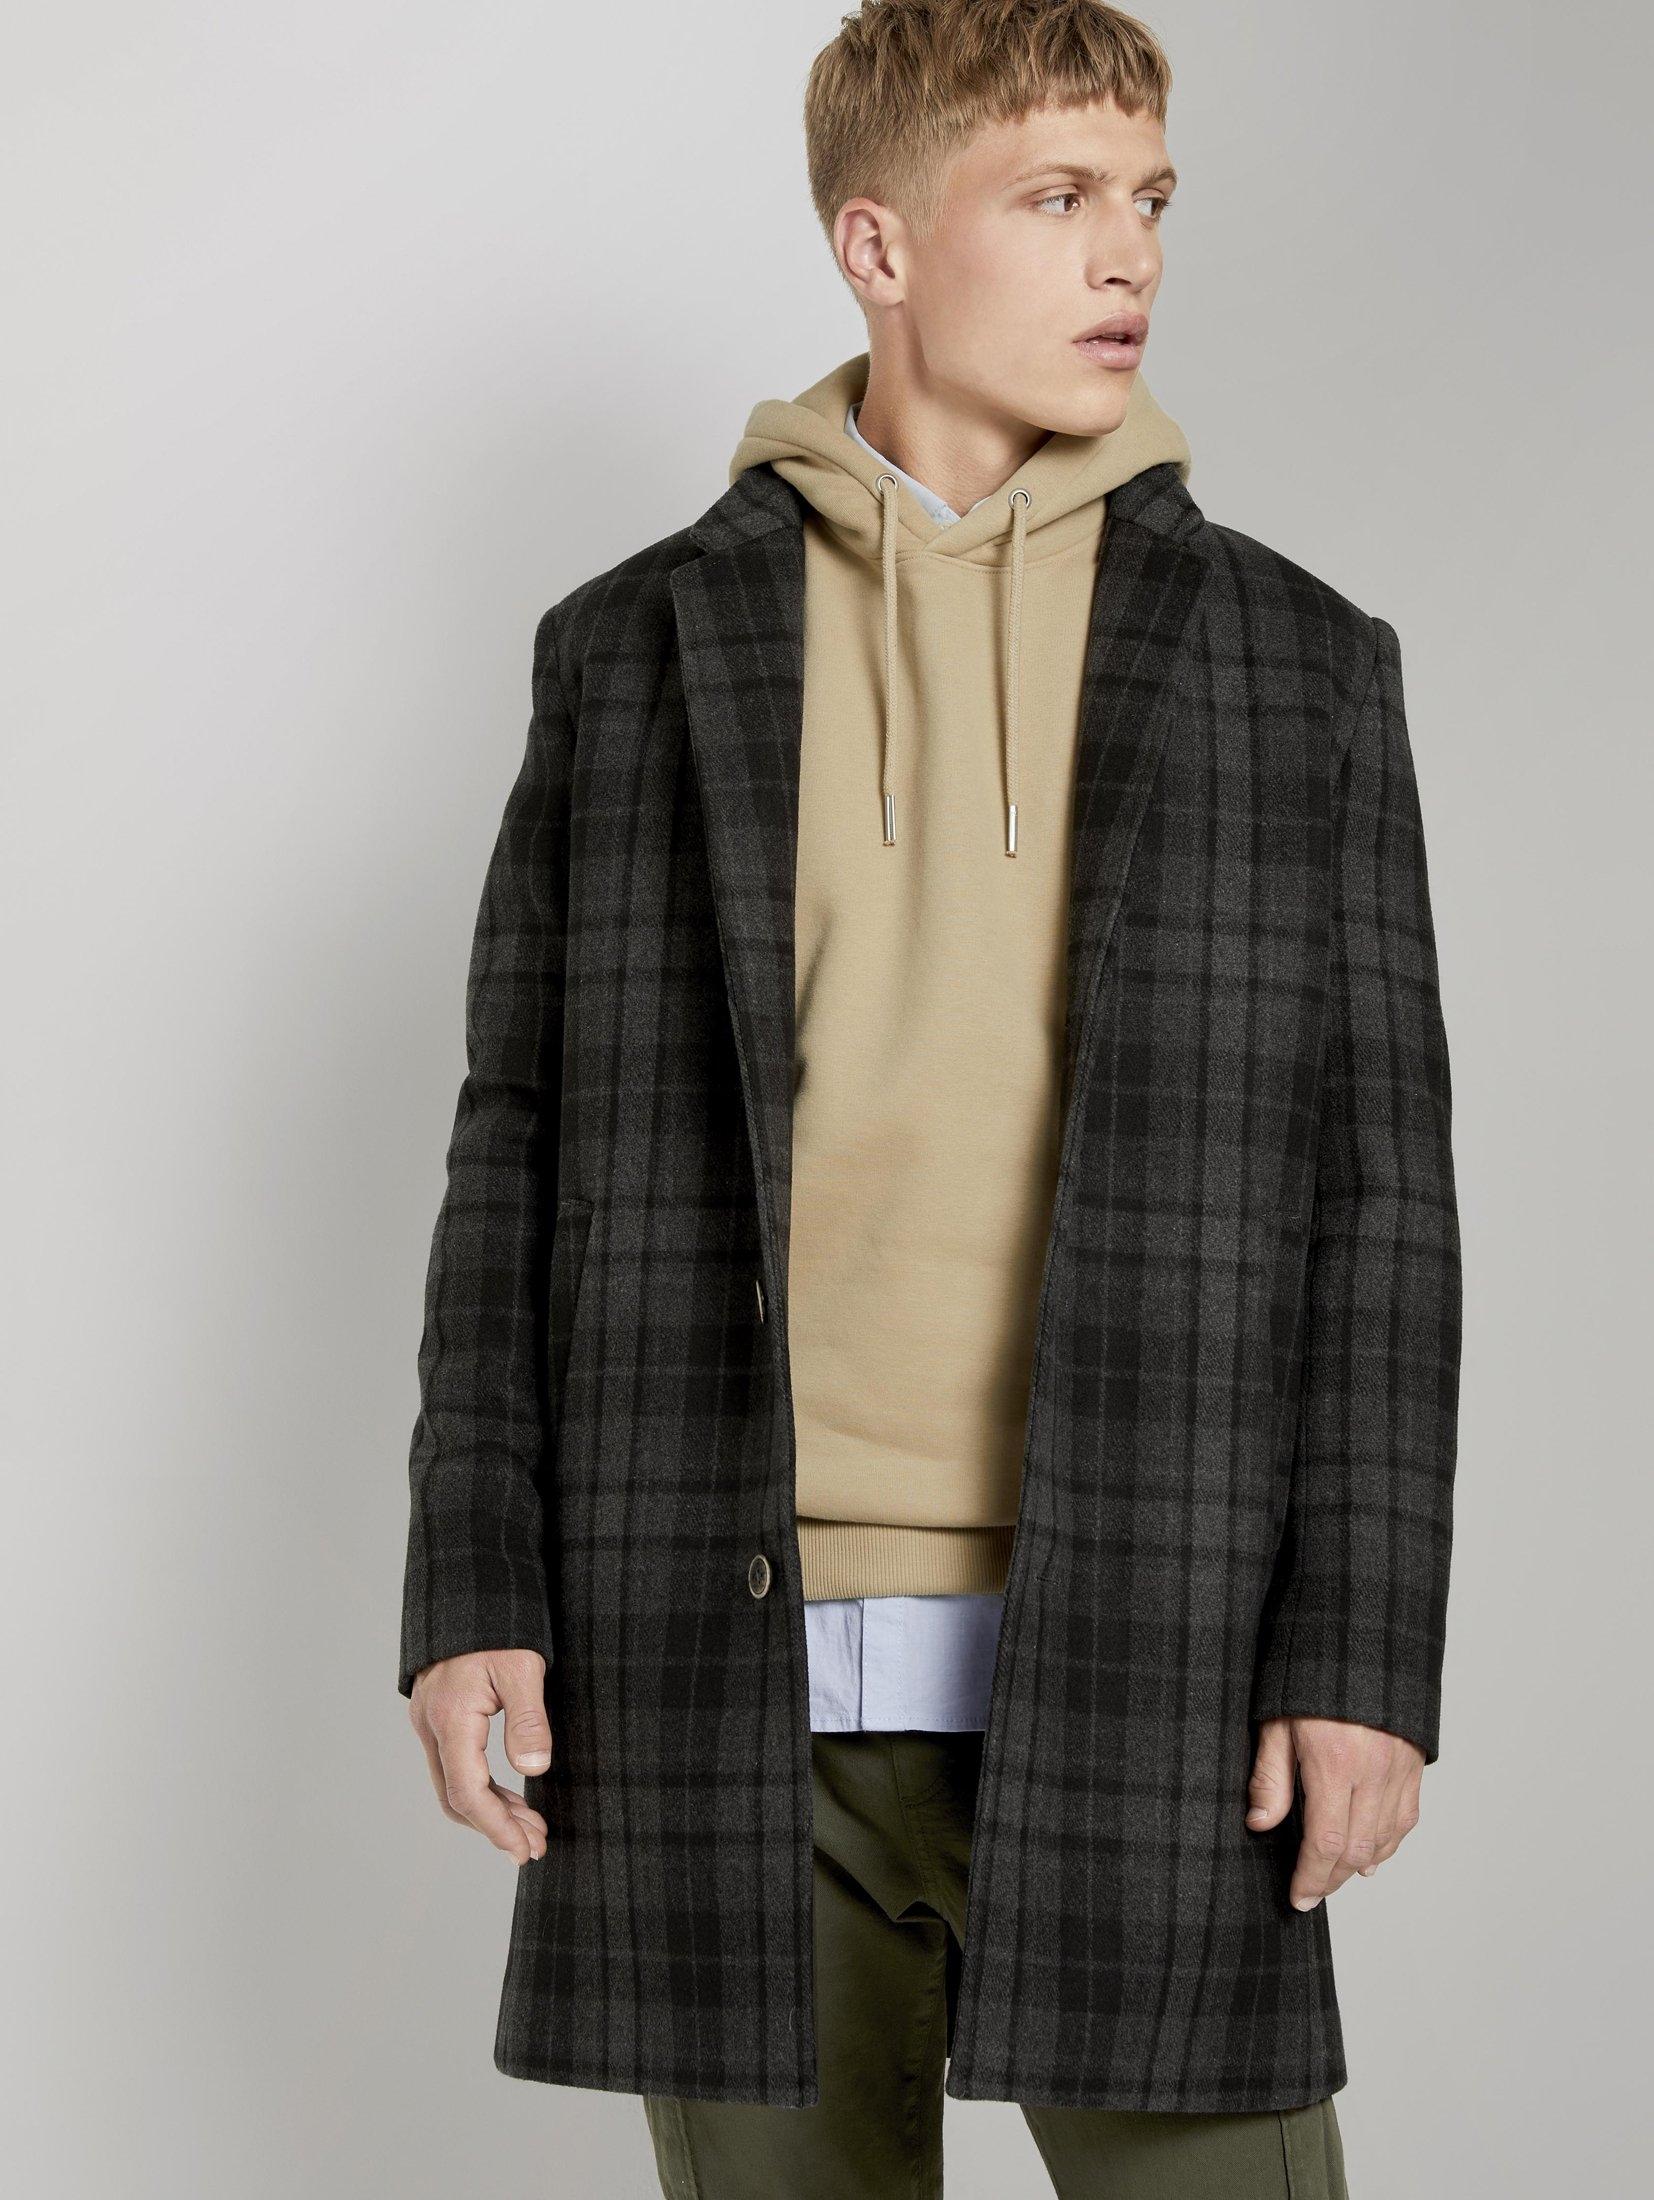 TOM TAILOR Denim lange jas »Moderner Mantel aus Wollgemisch« bij OTTO online kopen